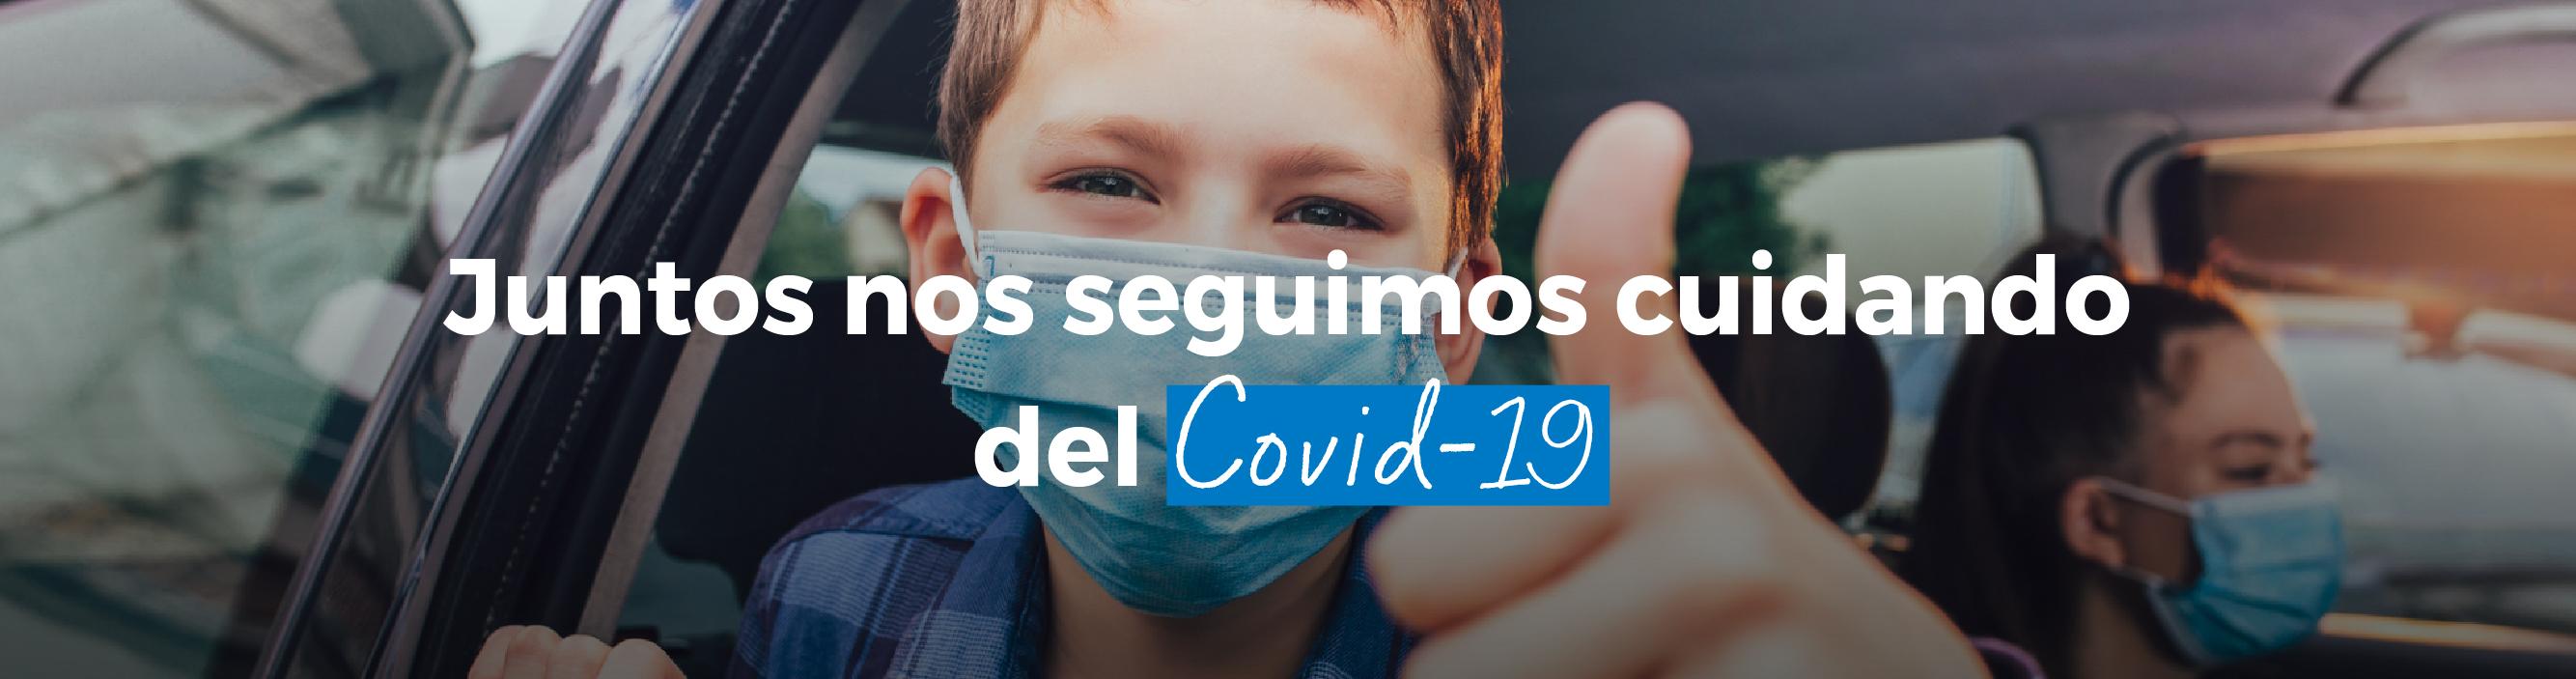 Junto nos seguimos cuidando del Covid-19 | Clínica Bupa Santiago